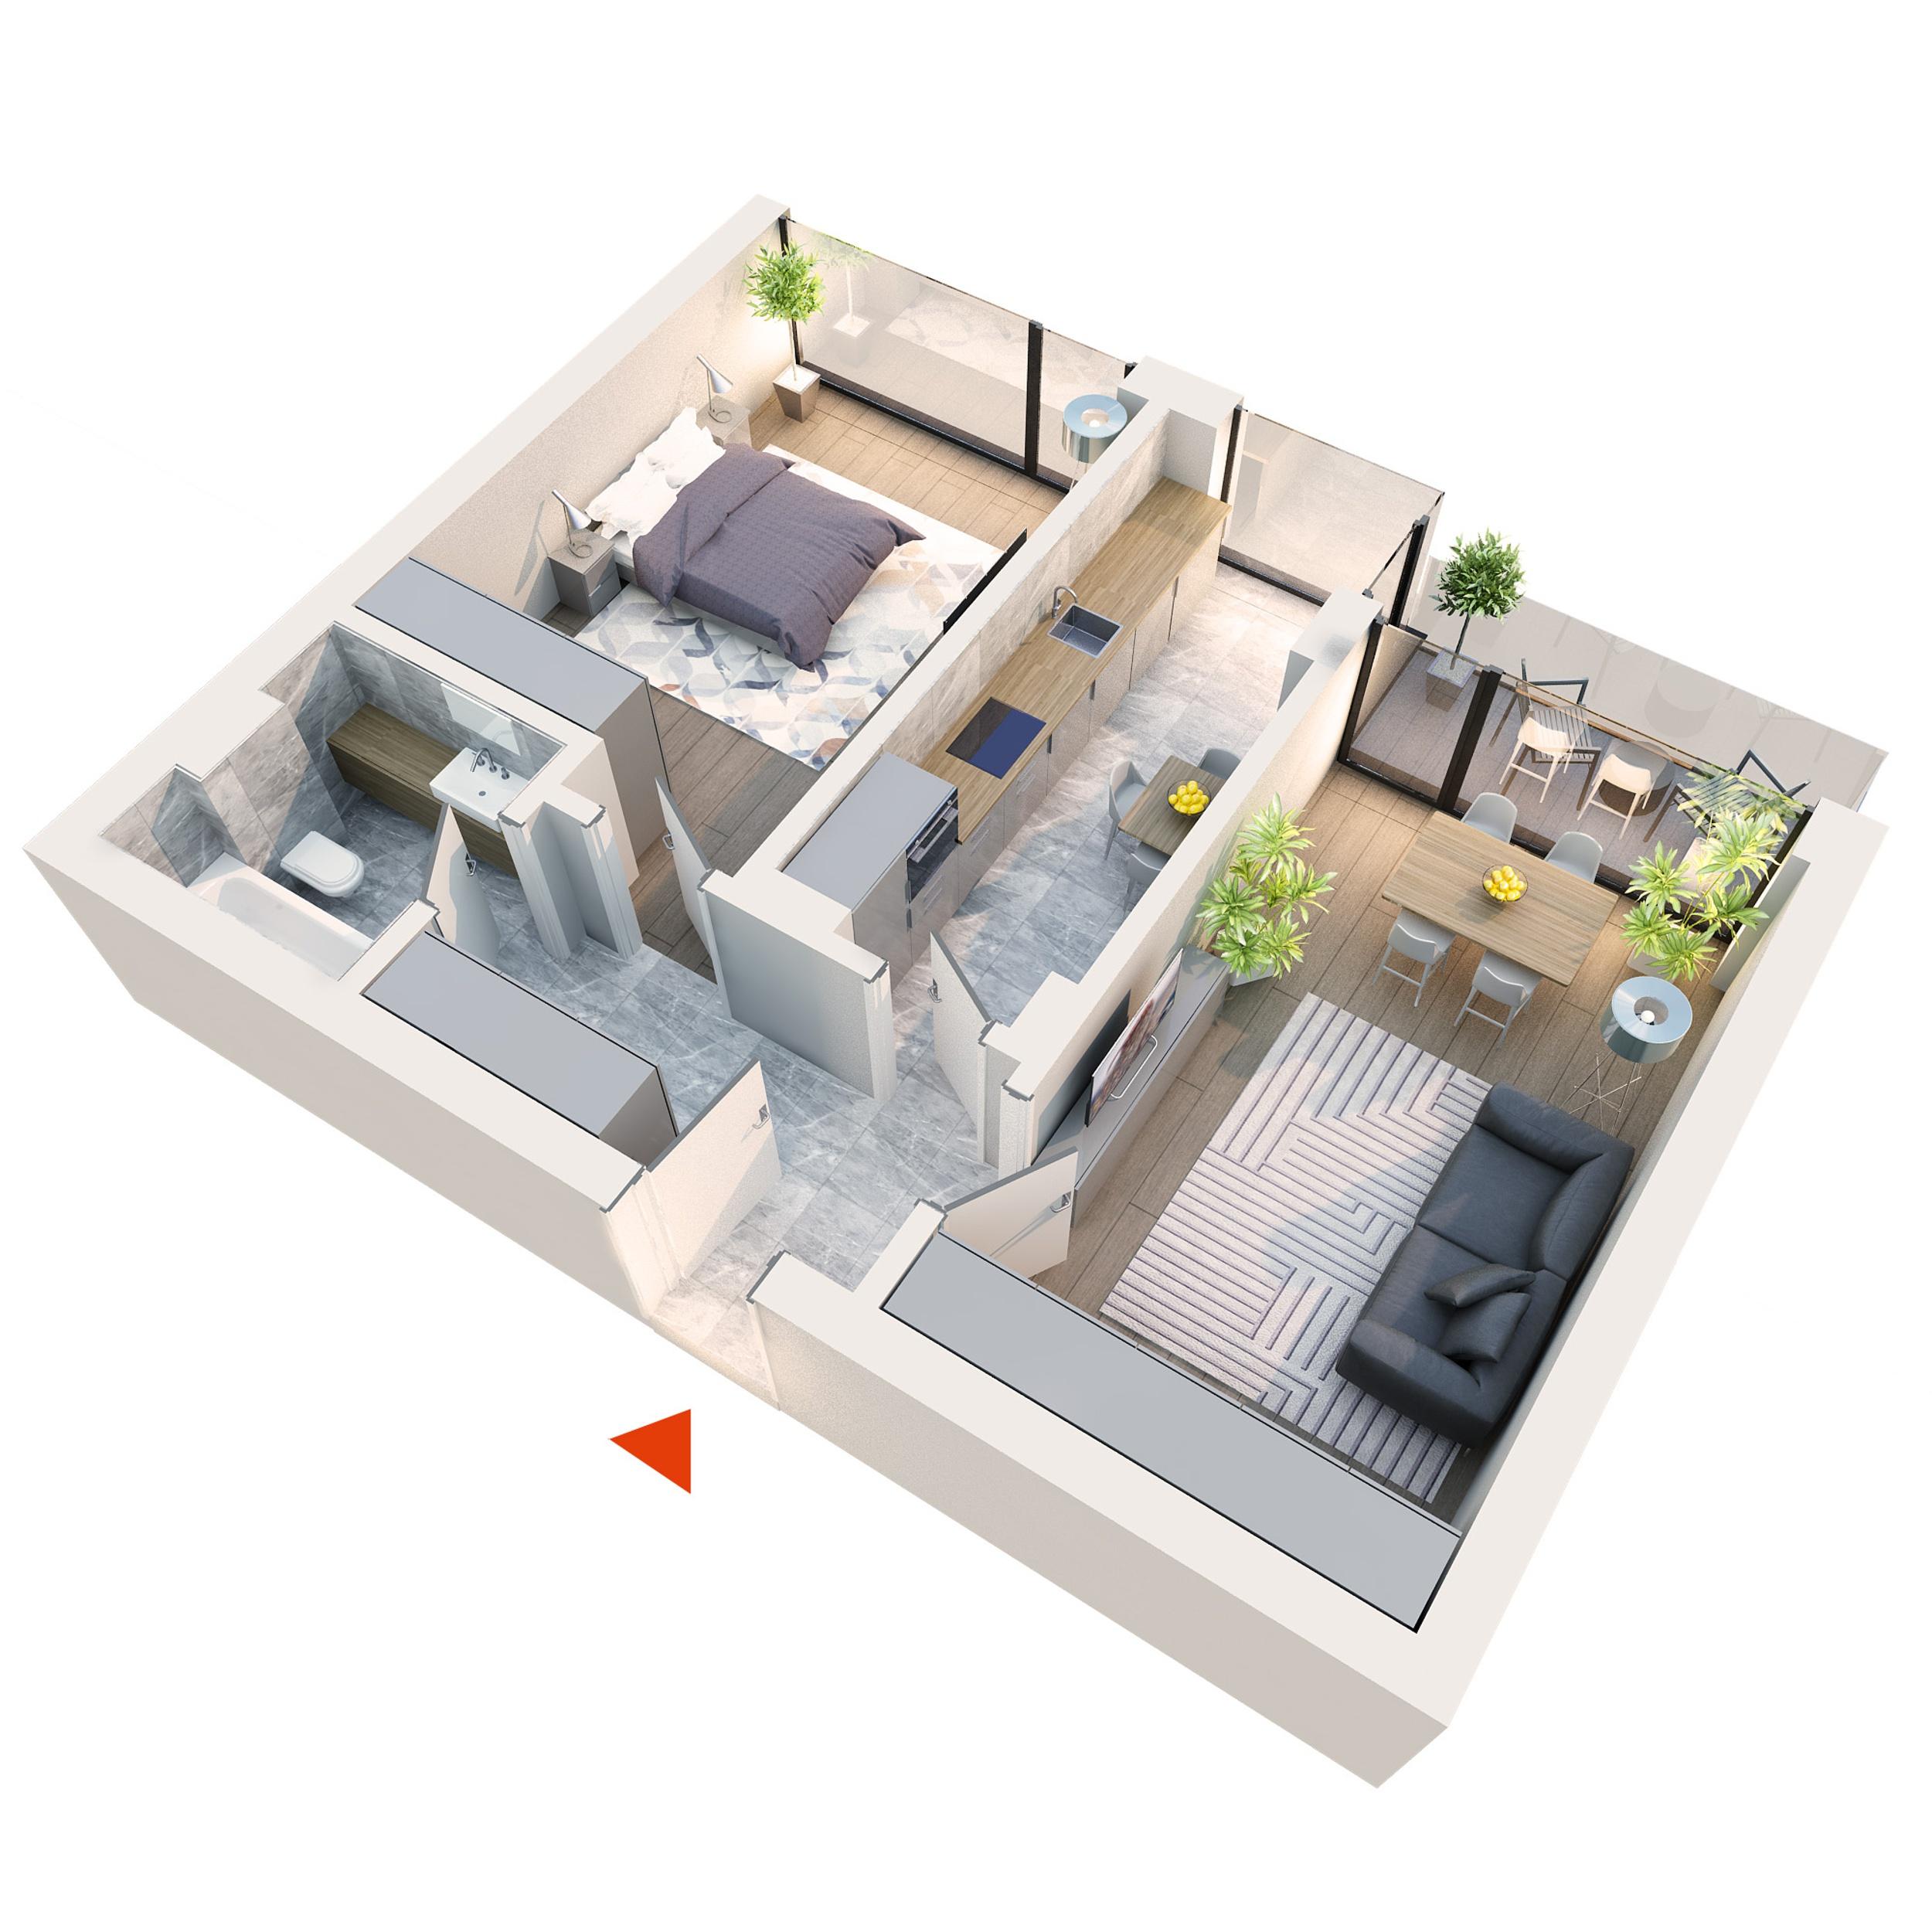 Apartament 2 camere tip 2B1 balcon | Etaj 1-3 | Corp C1, C2, C5, C6 | Faza 2